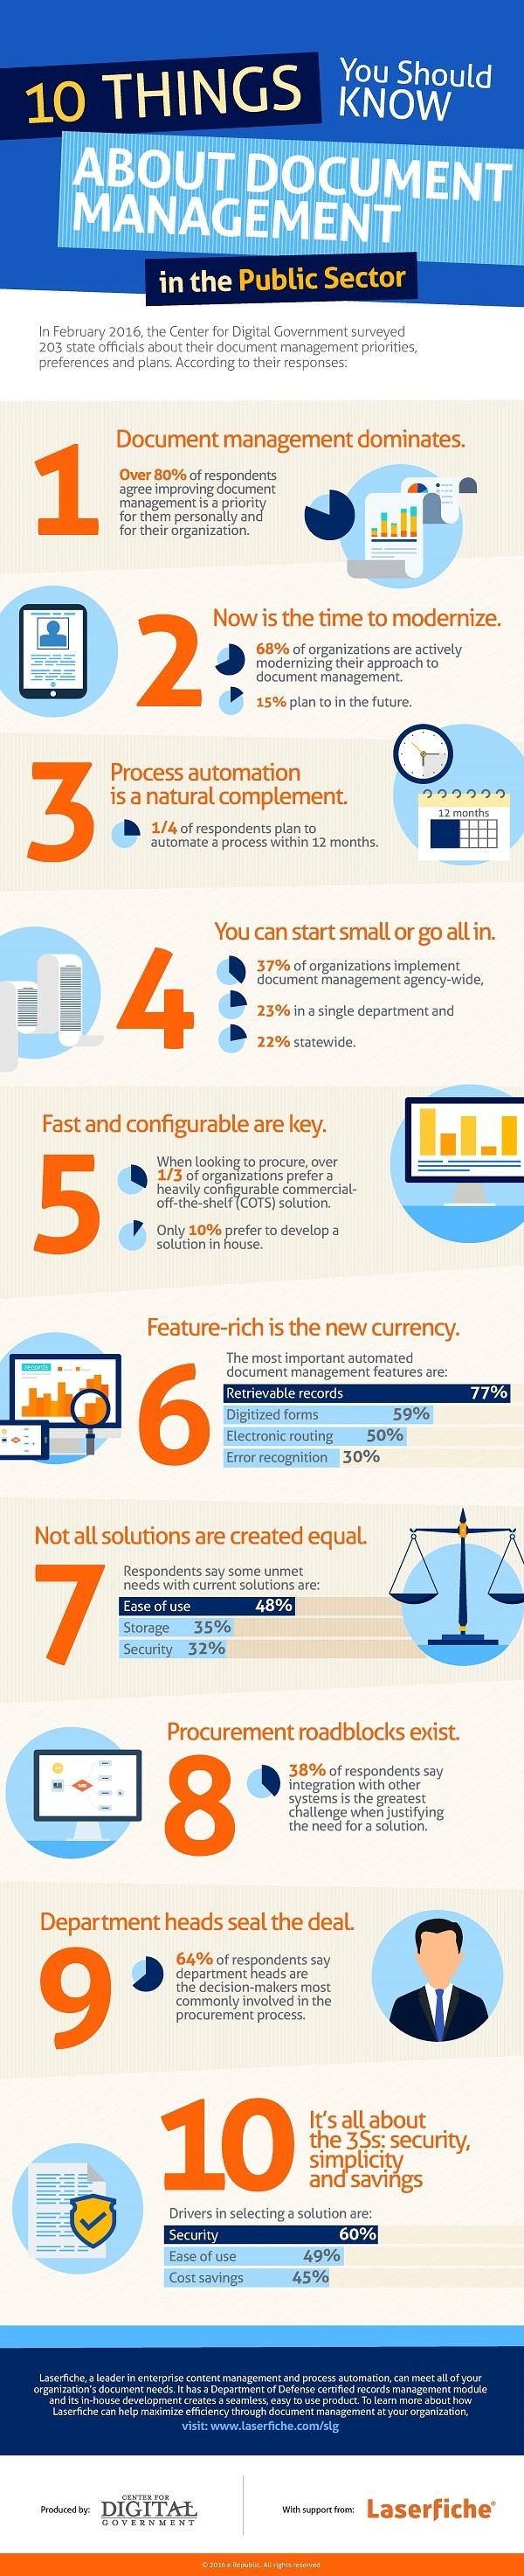 Laserfiche infographic